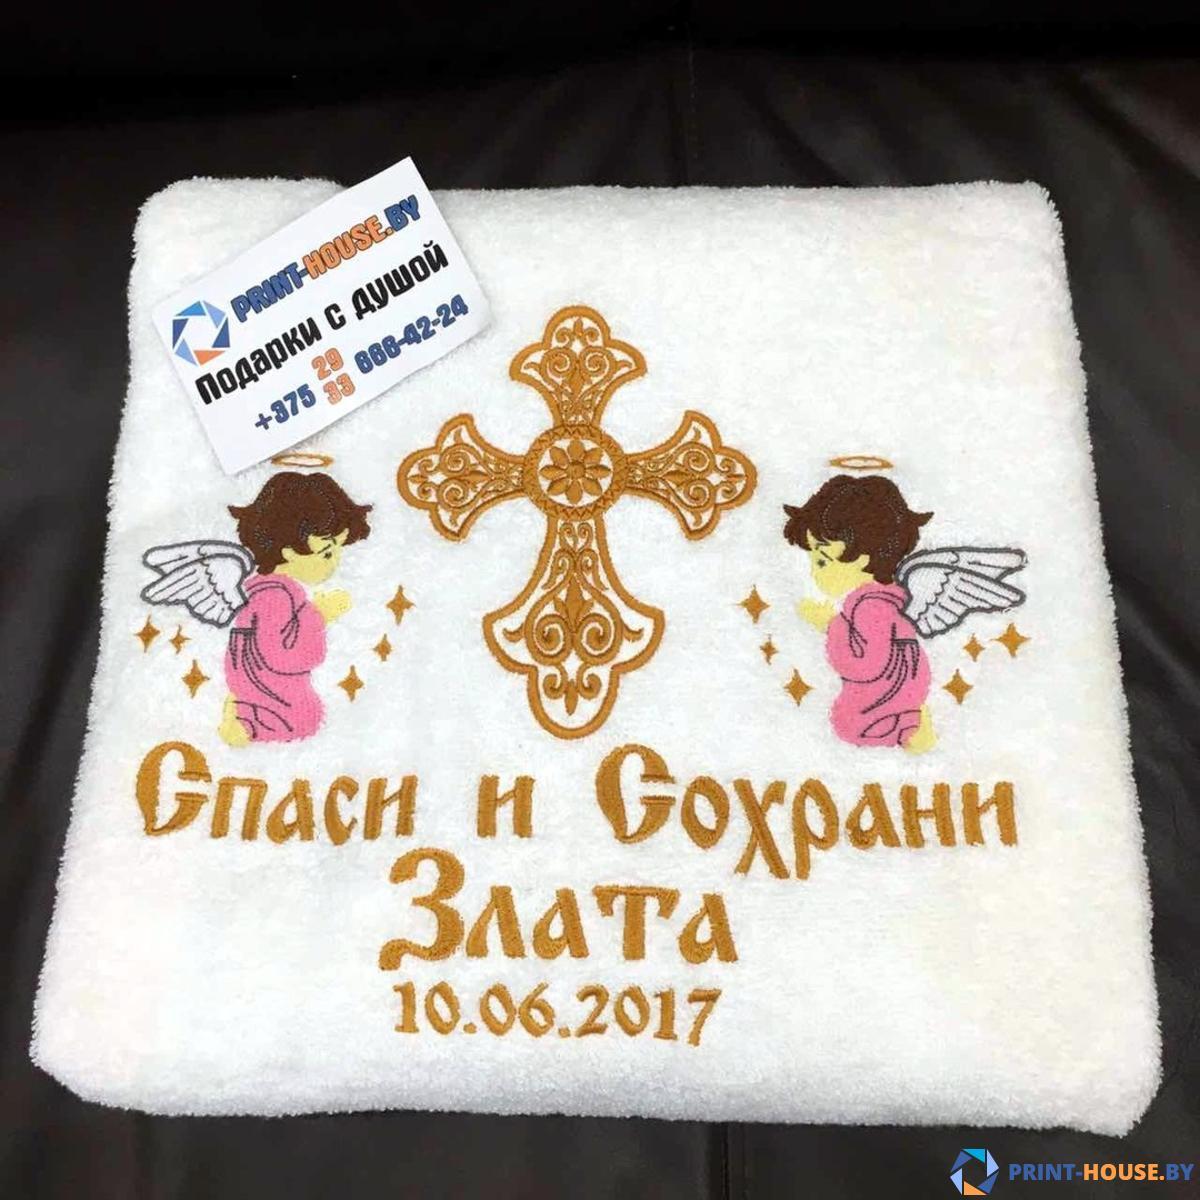 """Полотенце для крещения - """"Спаси и сохрани"""" + имя - купить подарок в интернет-магазине: фото, цена, отзывы"""